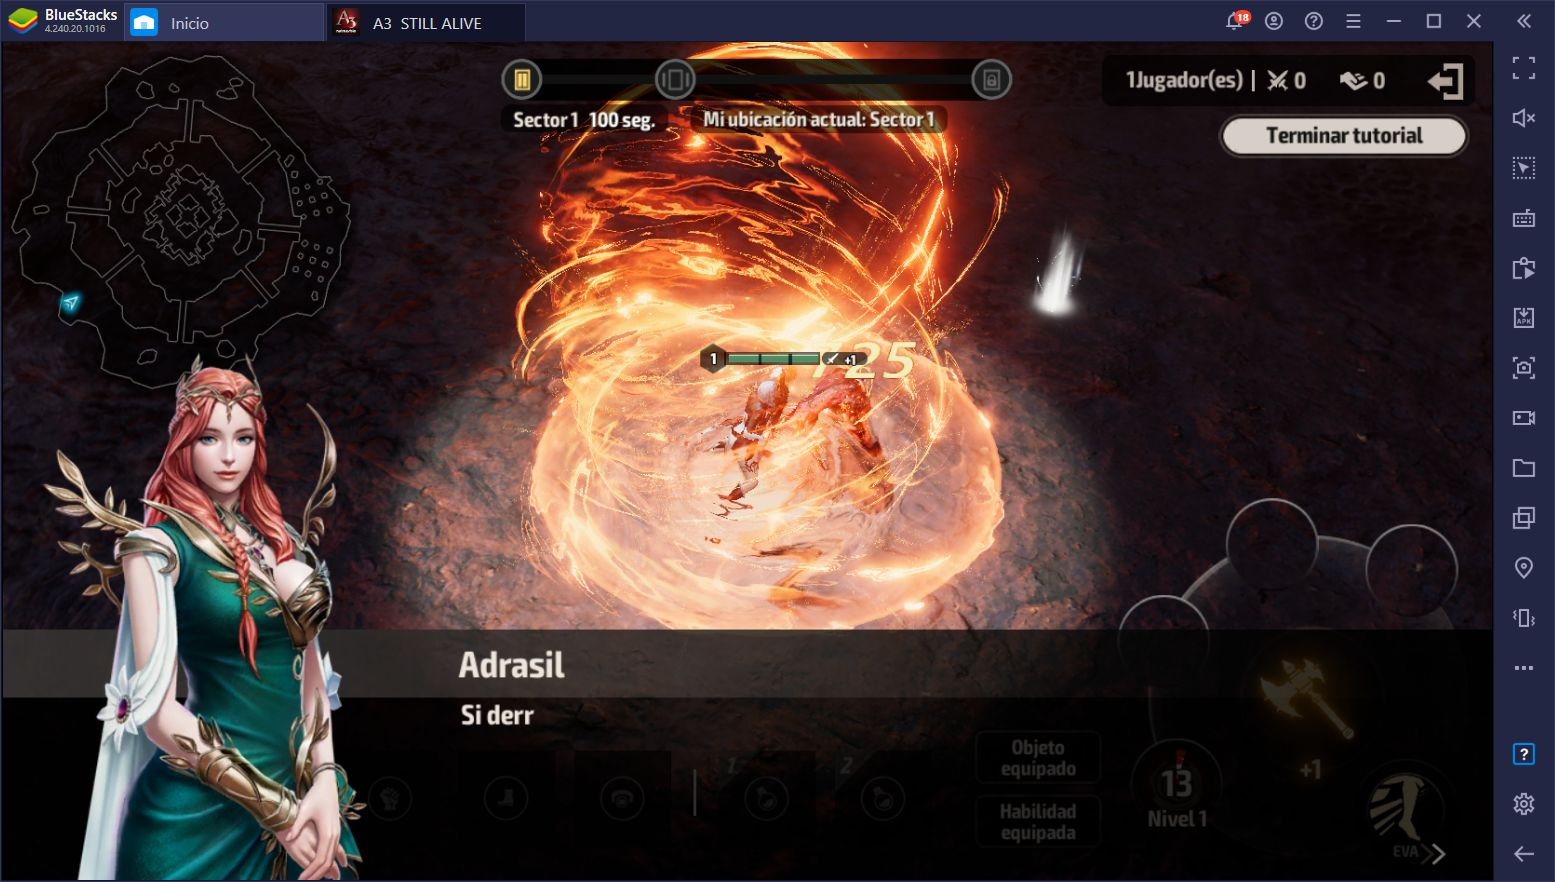 Guía de Principiantes para A3: Still Alive – El MMORPG de Fantasía con un Giro Único